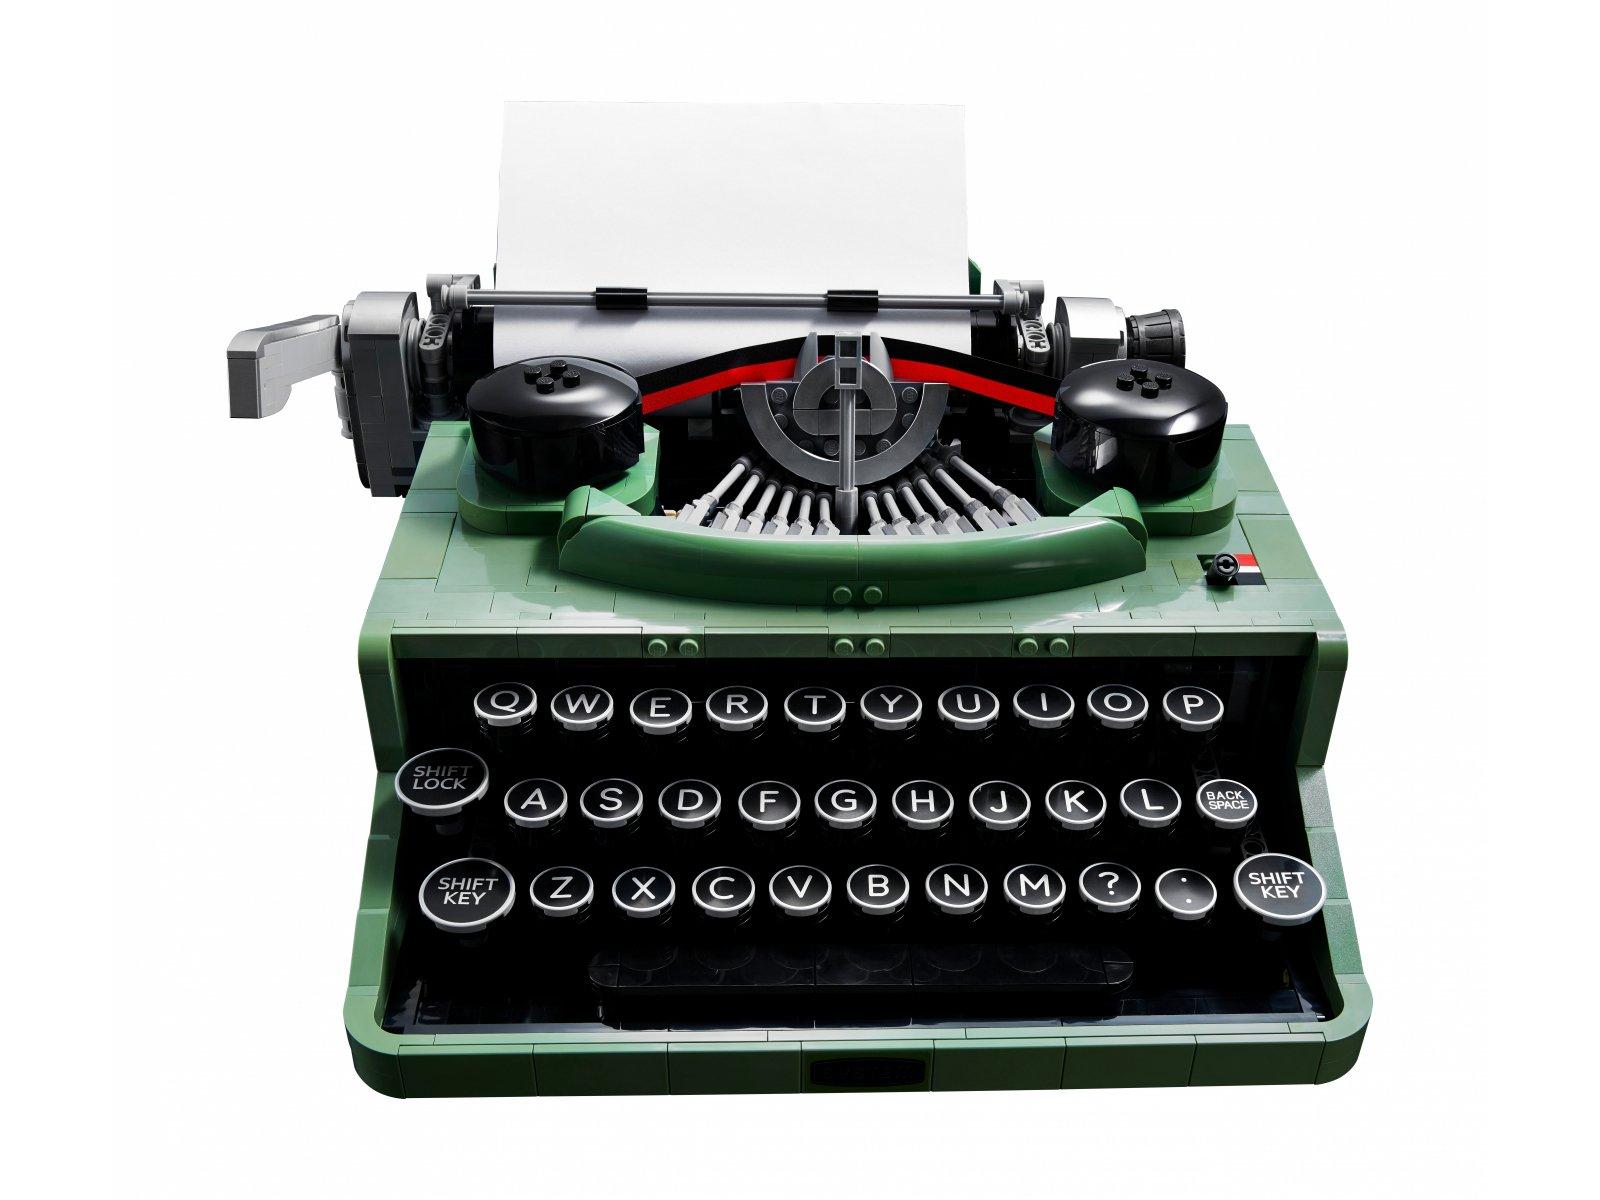 LEGO 21327 Maszyna do pisania